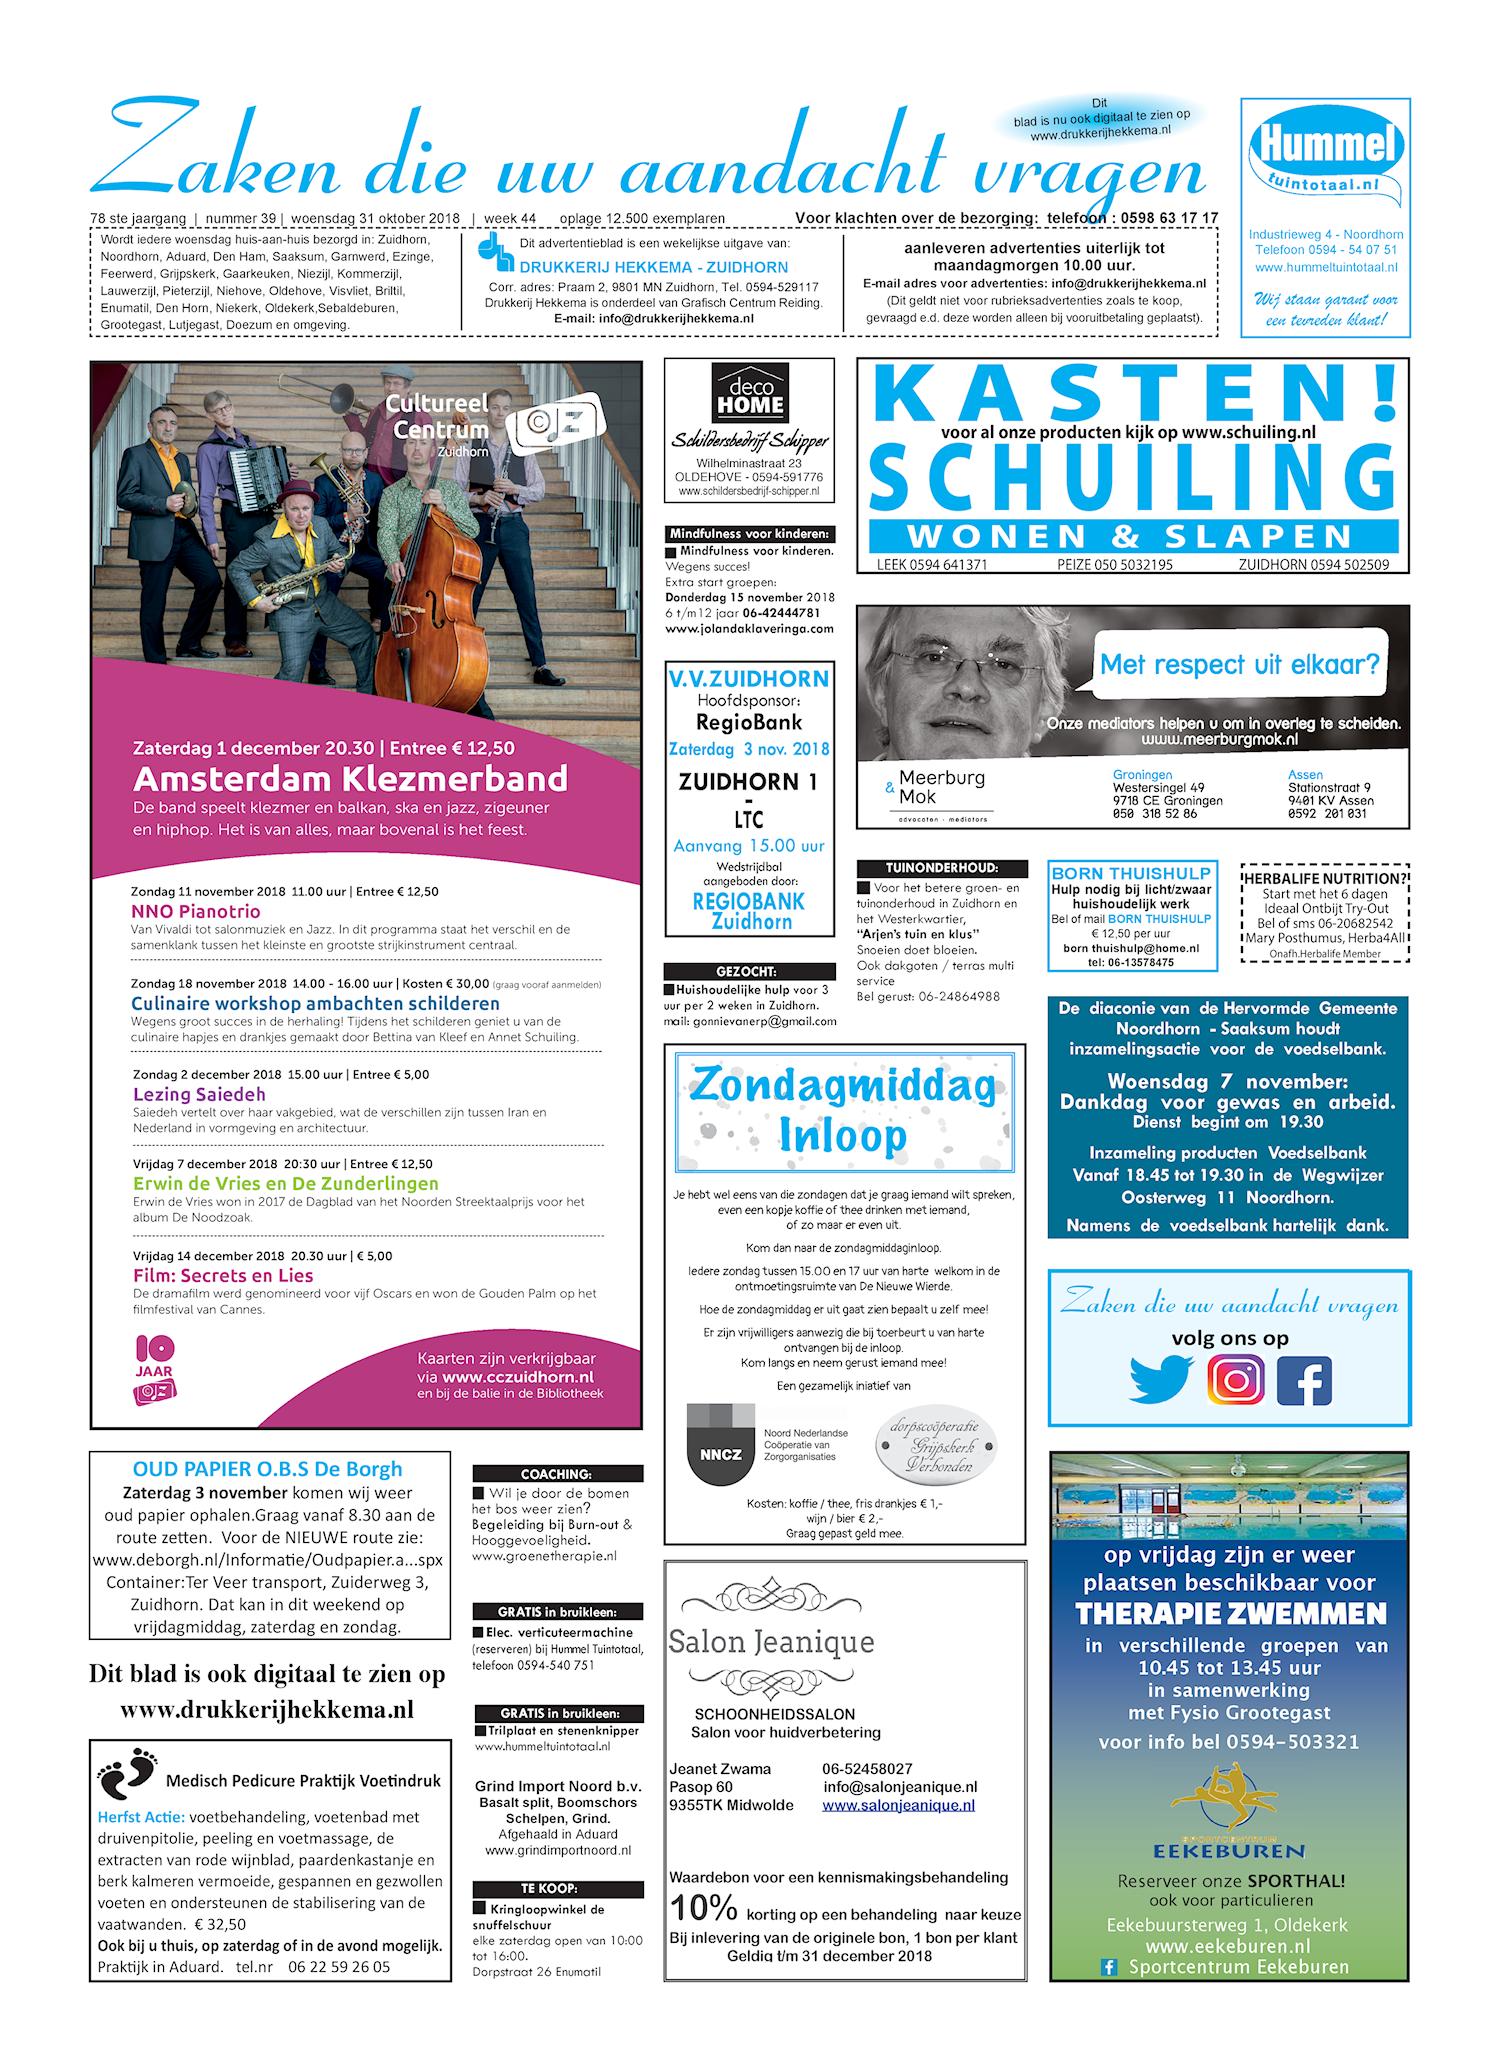 Drukkerij Hekkema - Zuidhorn - Zaken die uw aandacht vragen 2018 week 44